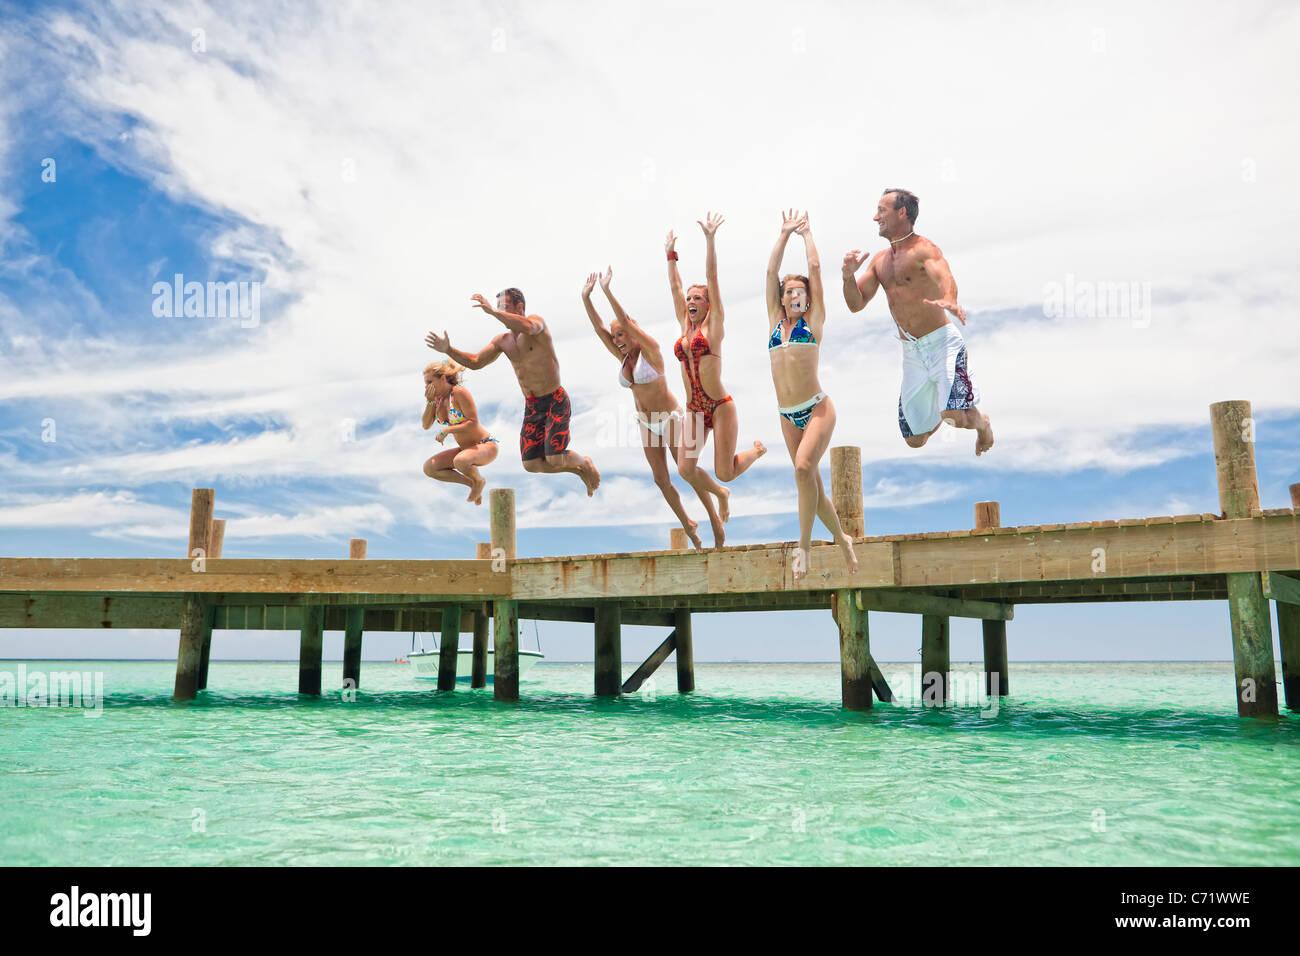 Eine Gruppe von Freunden springt aus Holz Dock in der kühlen Karibik Stockfoto